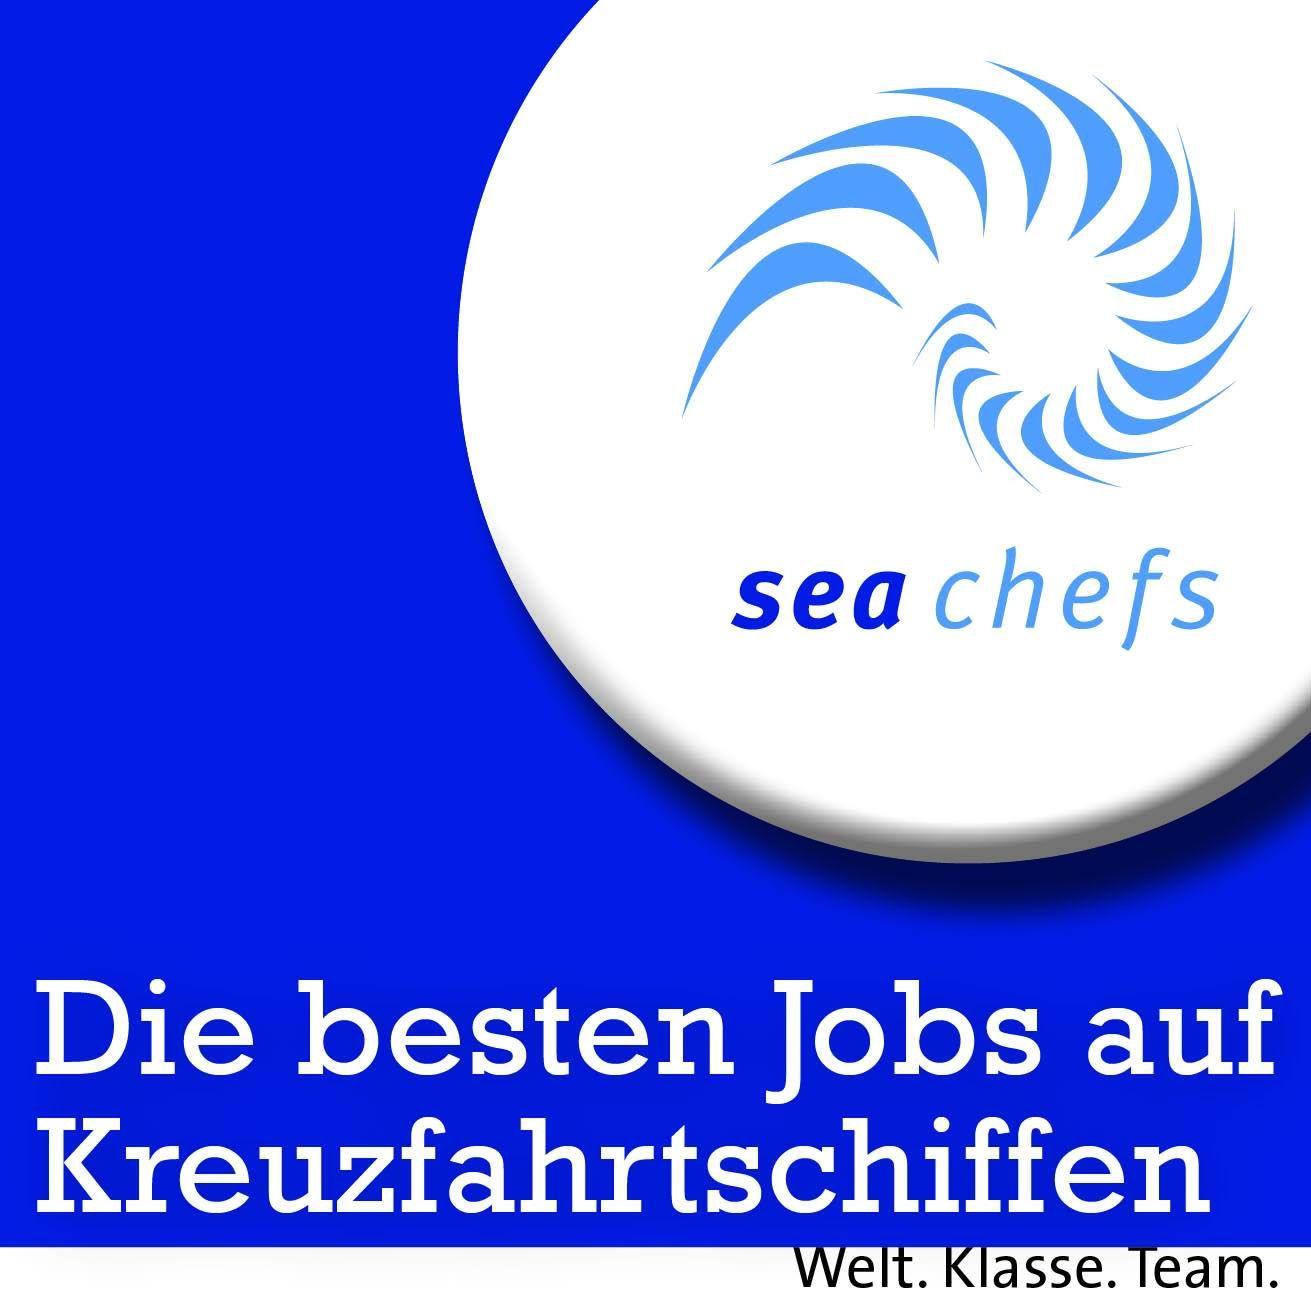 10 Fragen an Sea chefs (Jobs auf Kreuzfahrtschiffen)